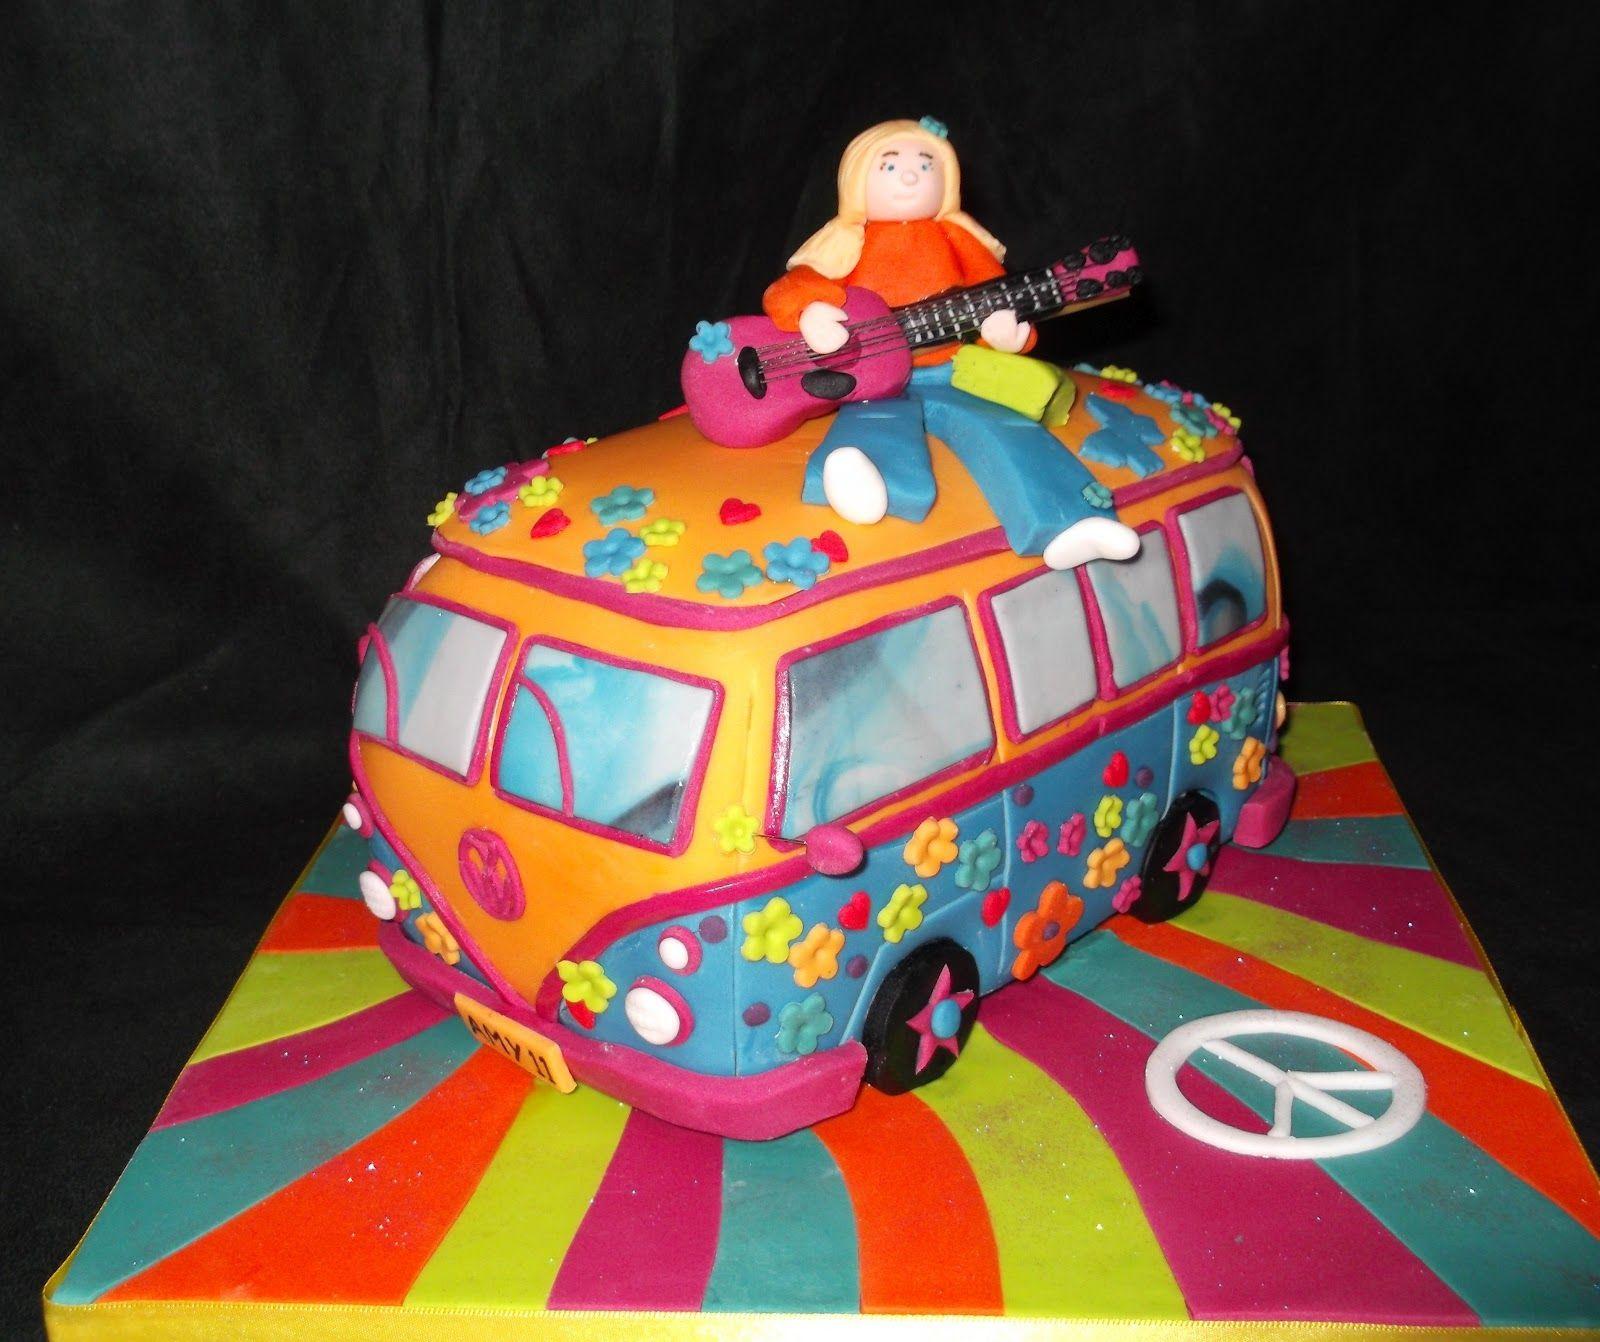 hippy cakes hippy camper van cake tats pinterest kuchen geburtstagskuchen und kuchen. Black Bedroom Furniture Sets. Home Design Ideas